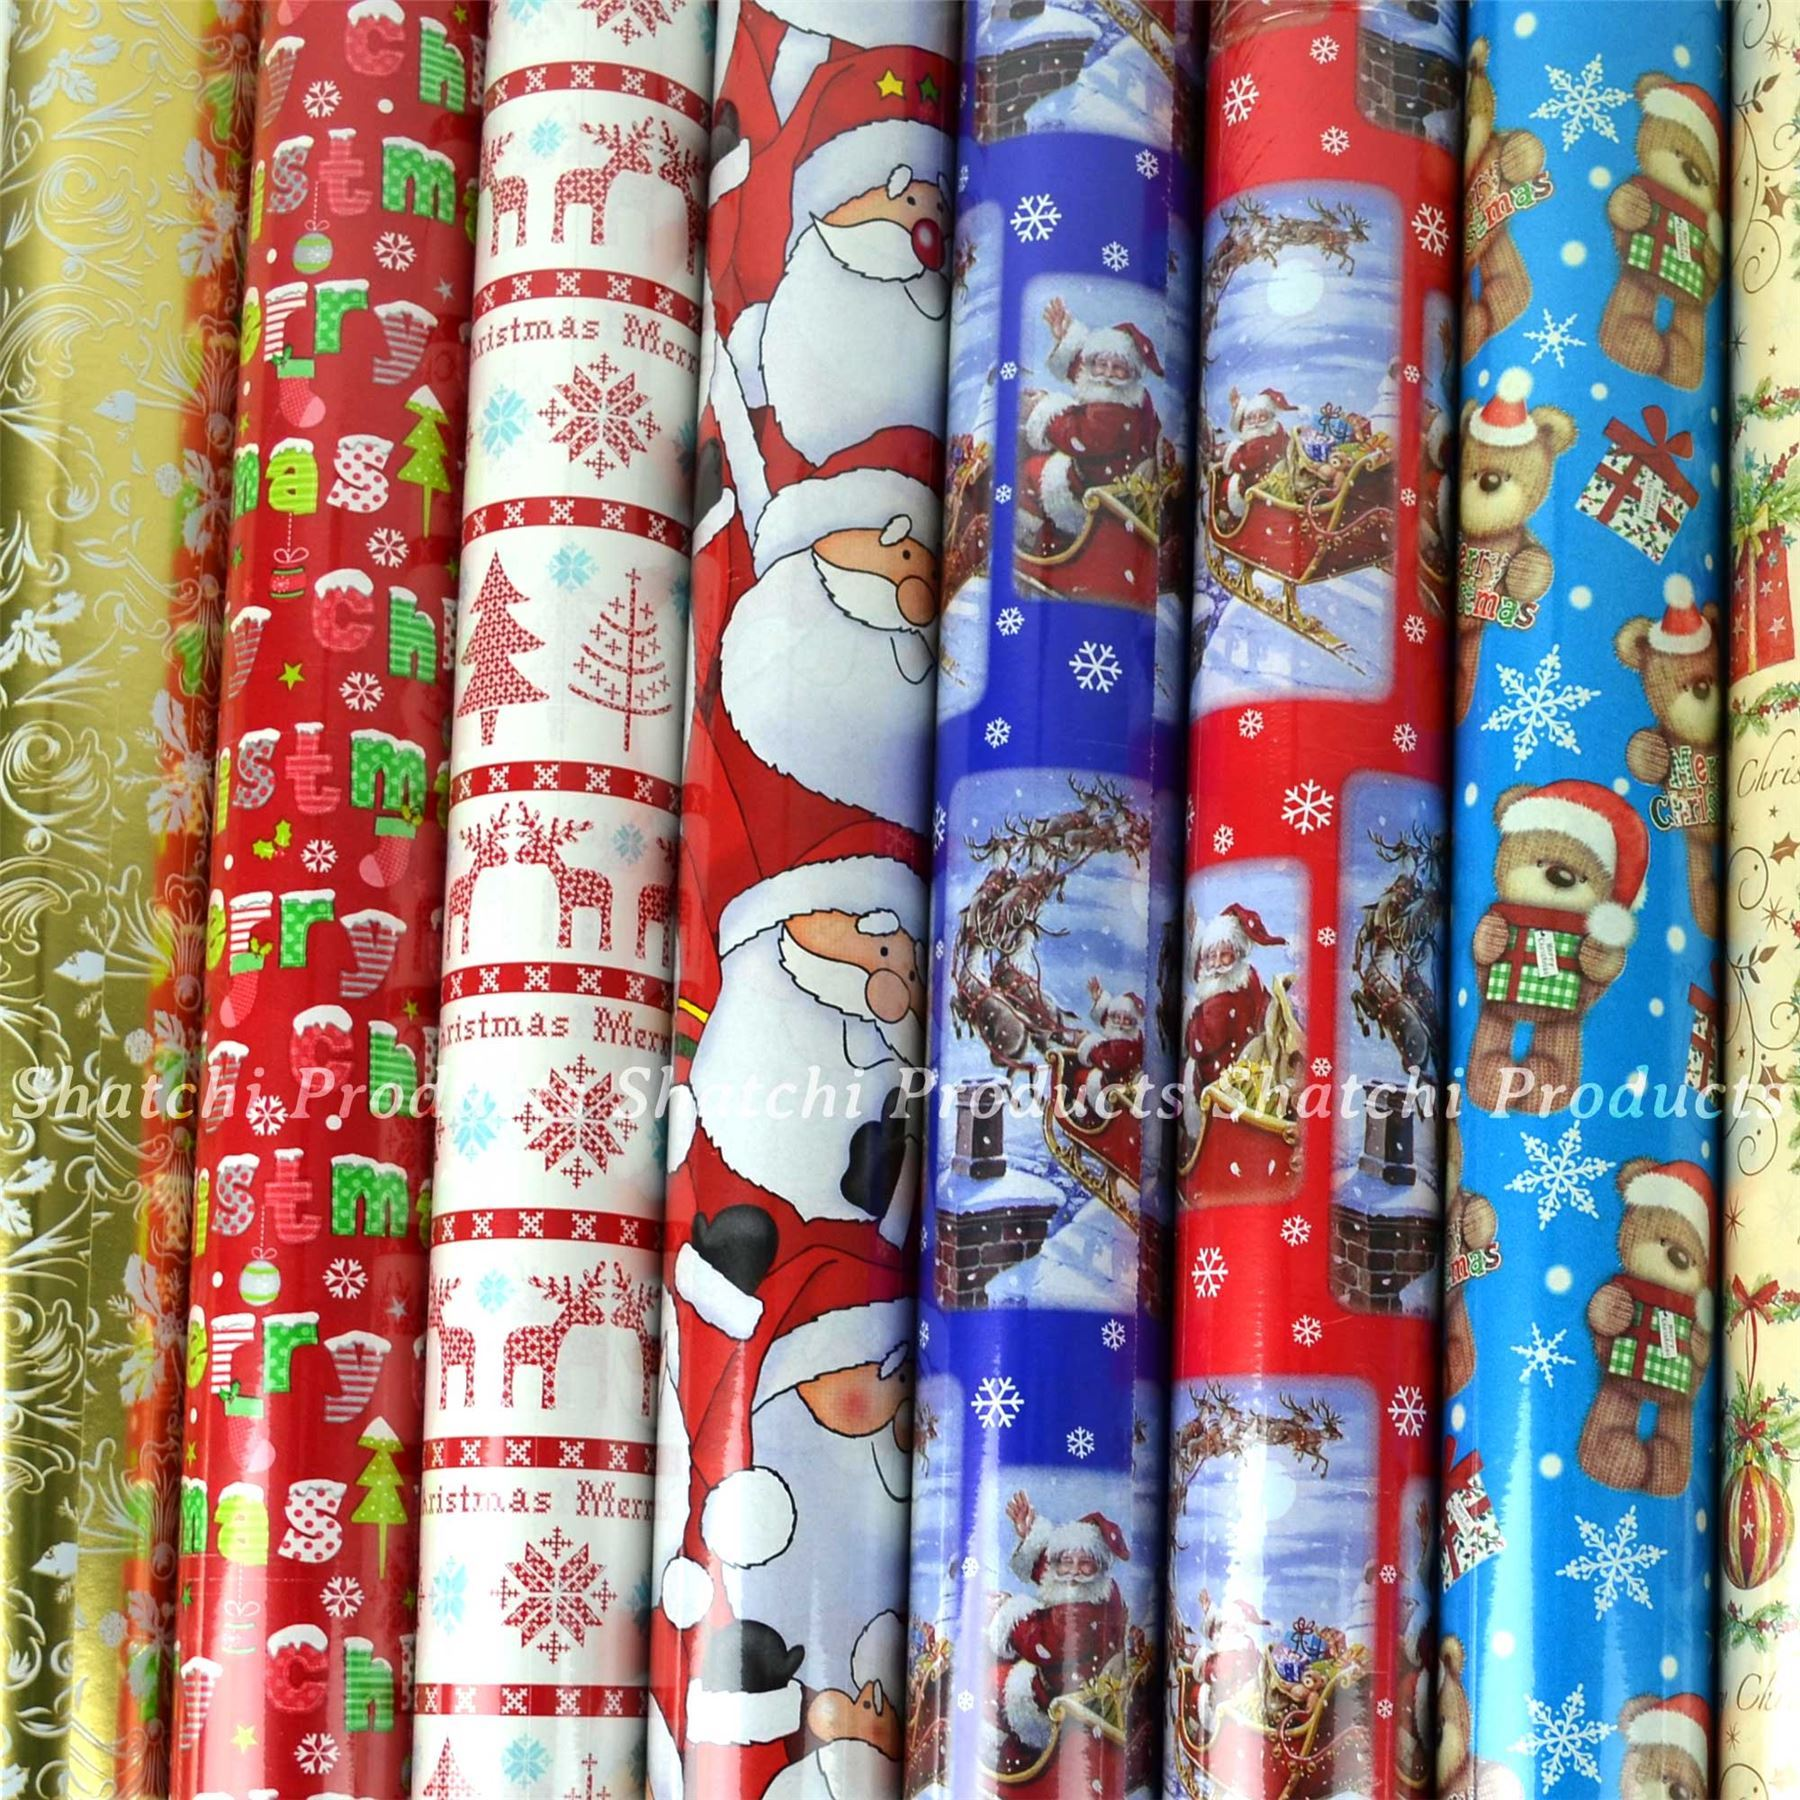 10M-Natale-Regalo-Wrap-Assortiti-ROTOLI-DI-CARTA-DA-PACCO-ROTOLO-REGALO-DI-NATALE miniatura 8